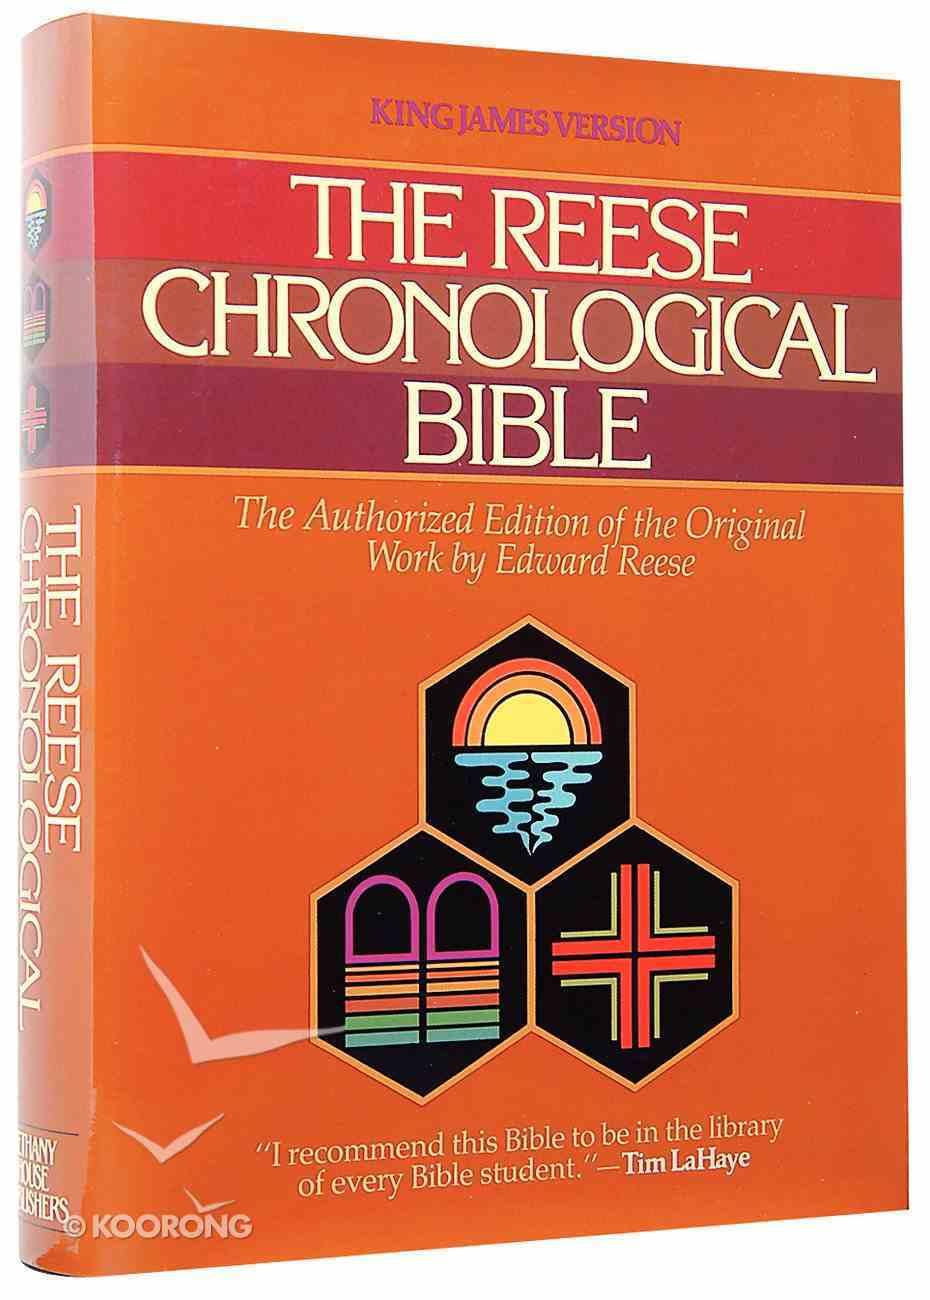 KJV Reese Chronological Bible Hardback